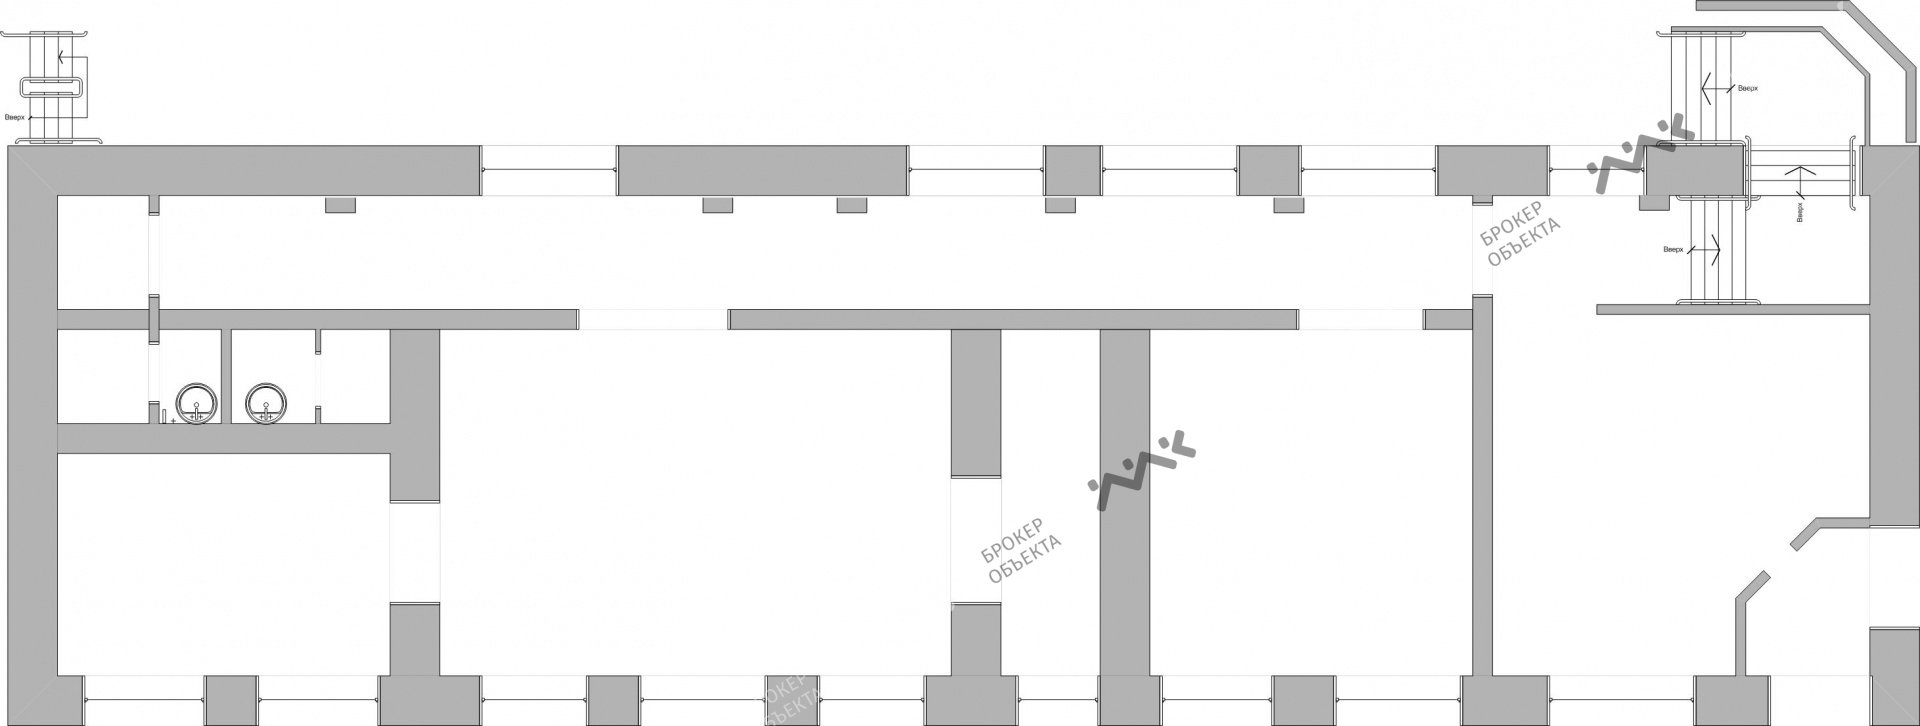 Планировка 8-я В.О. линия, д.59, к.2. Лот № 1399194